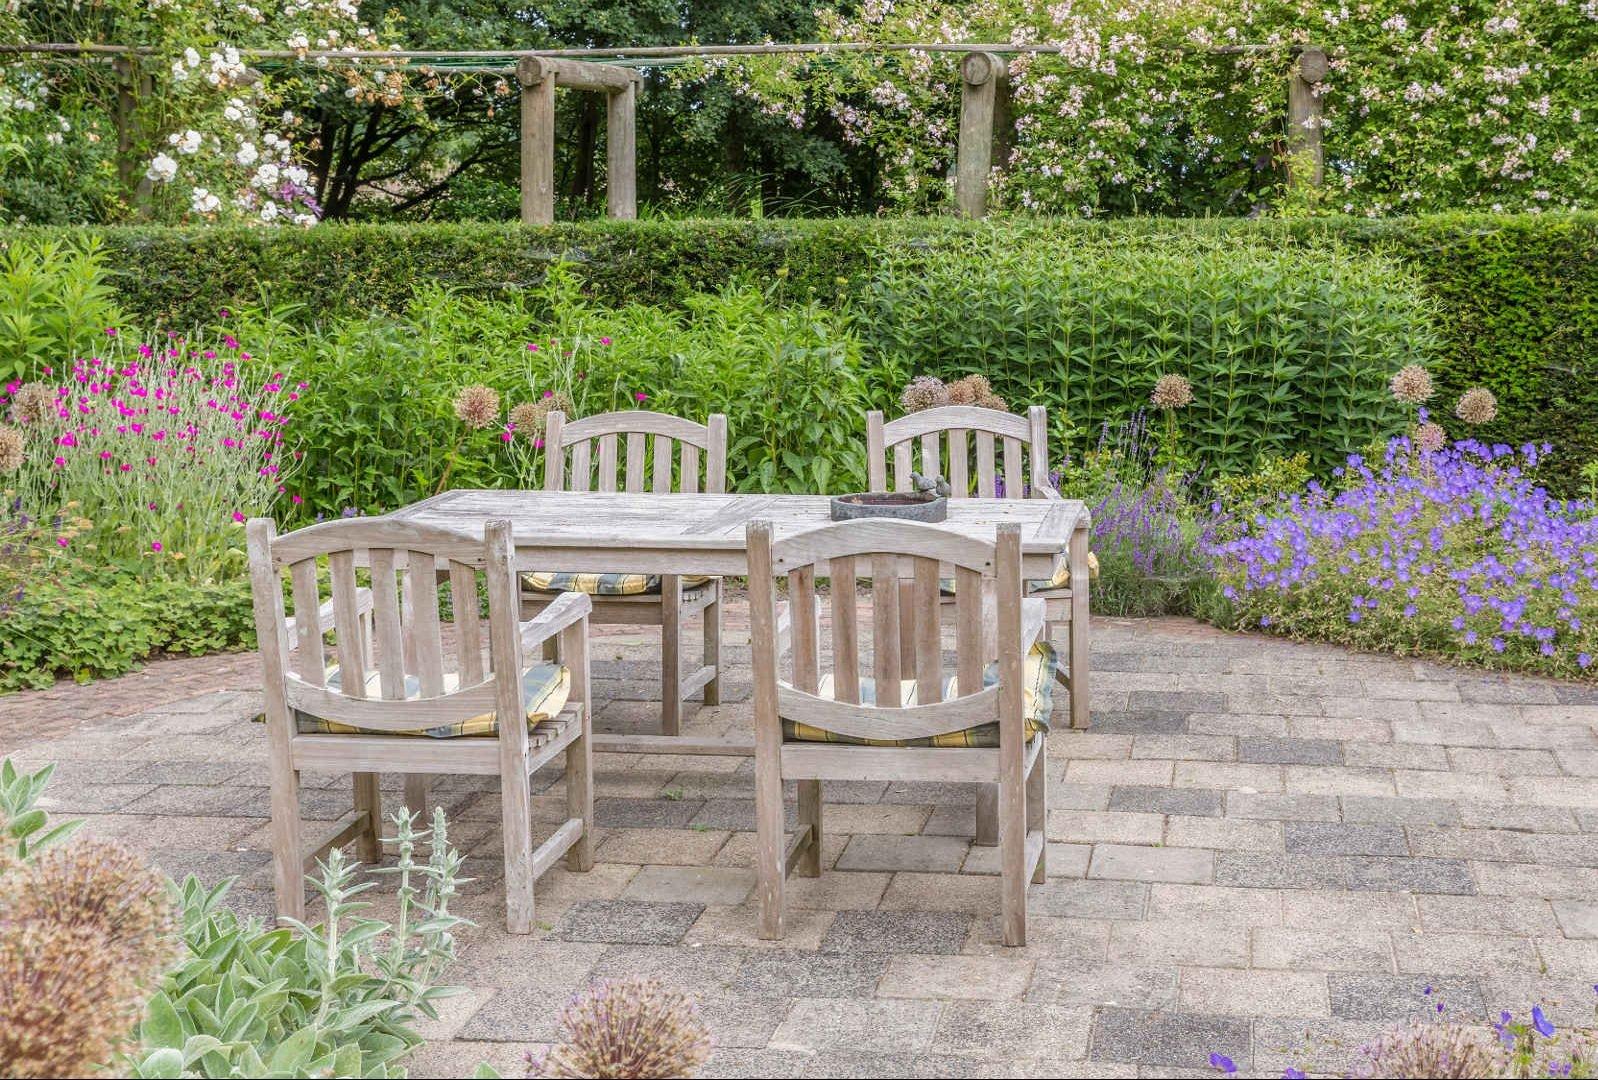 Ogród na wiosnę,Meble ogrodowe szare,Drewniany komplet ogrodowy szary,kamienna posadzka, w tle ogród liczne kolorowe kwiaty zielony żywopłot